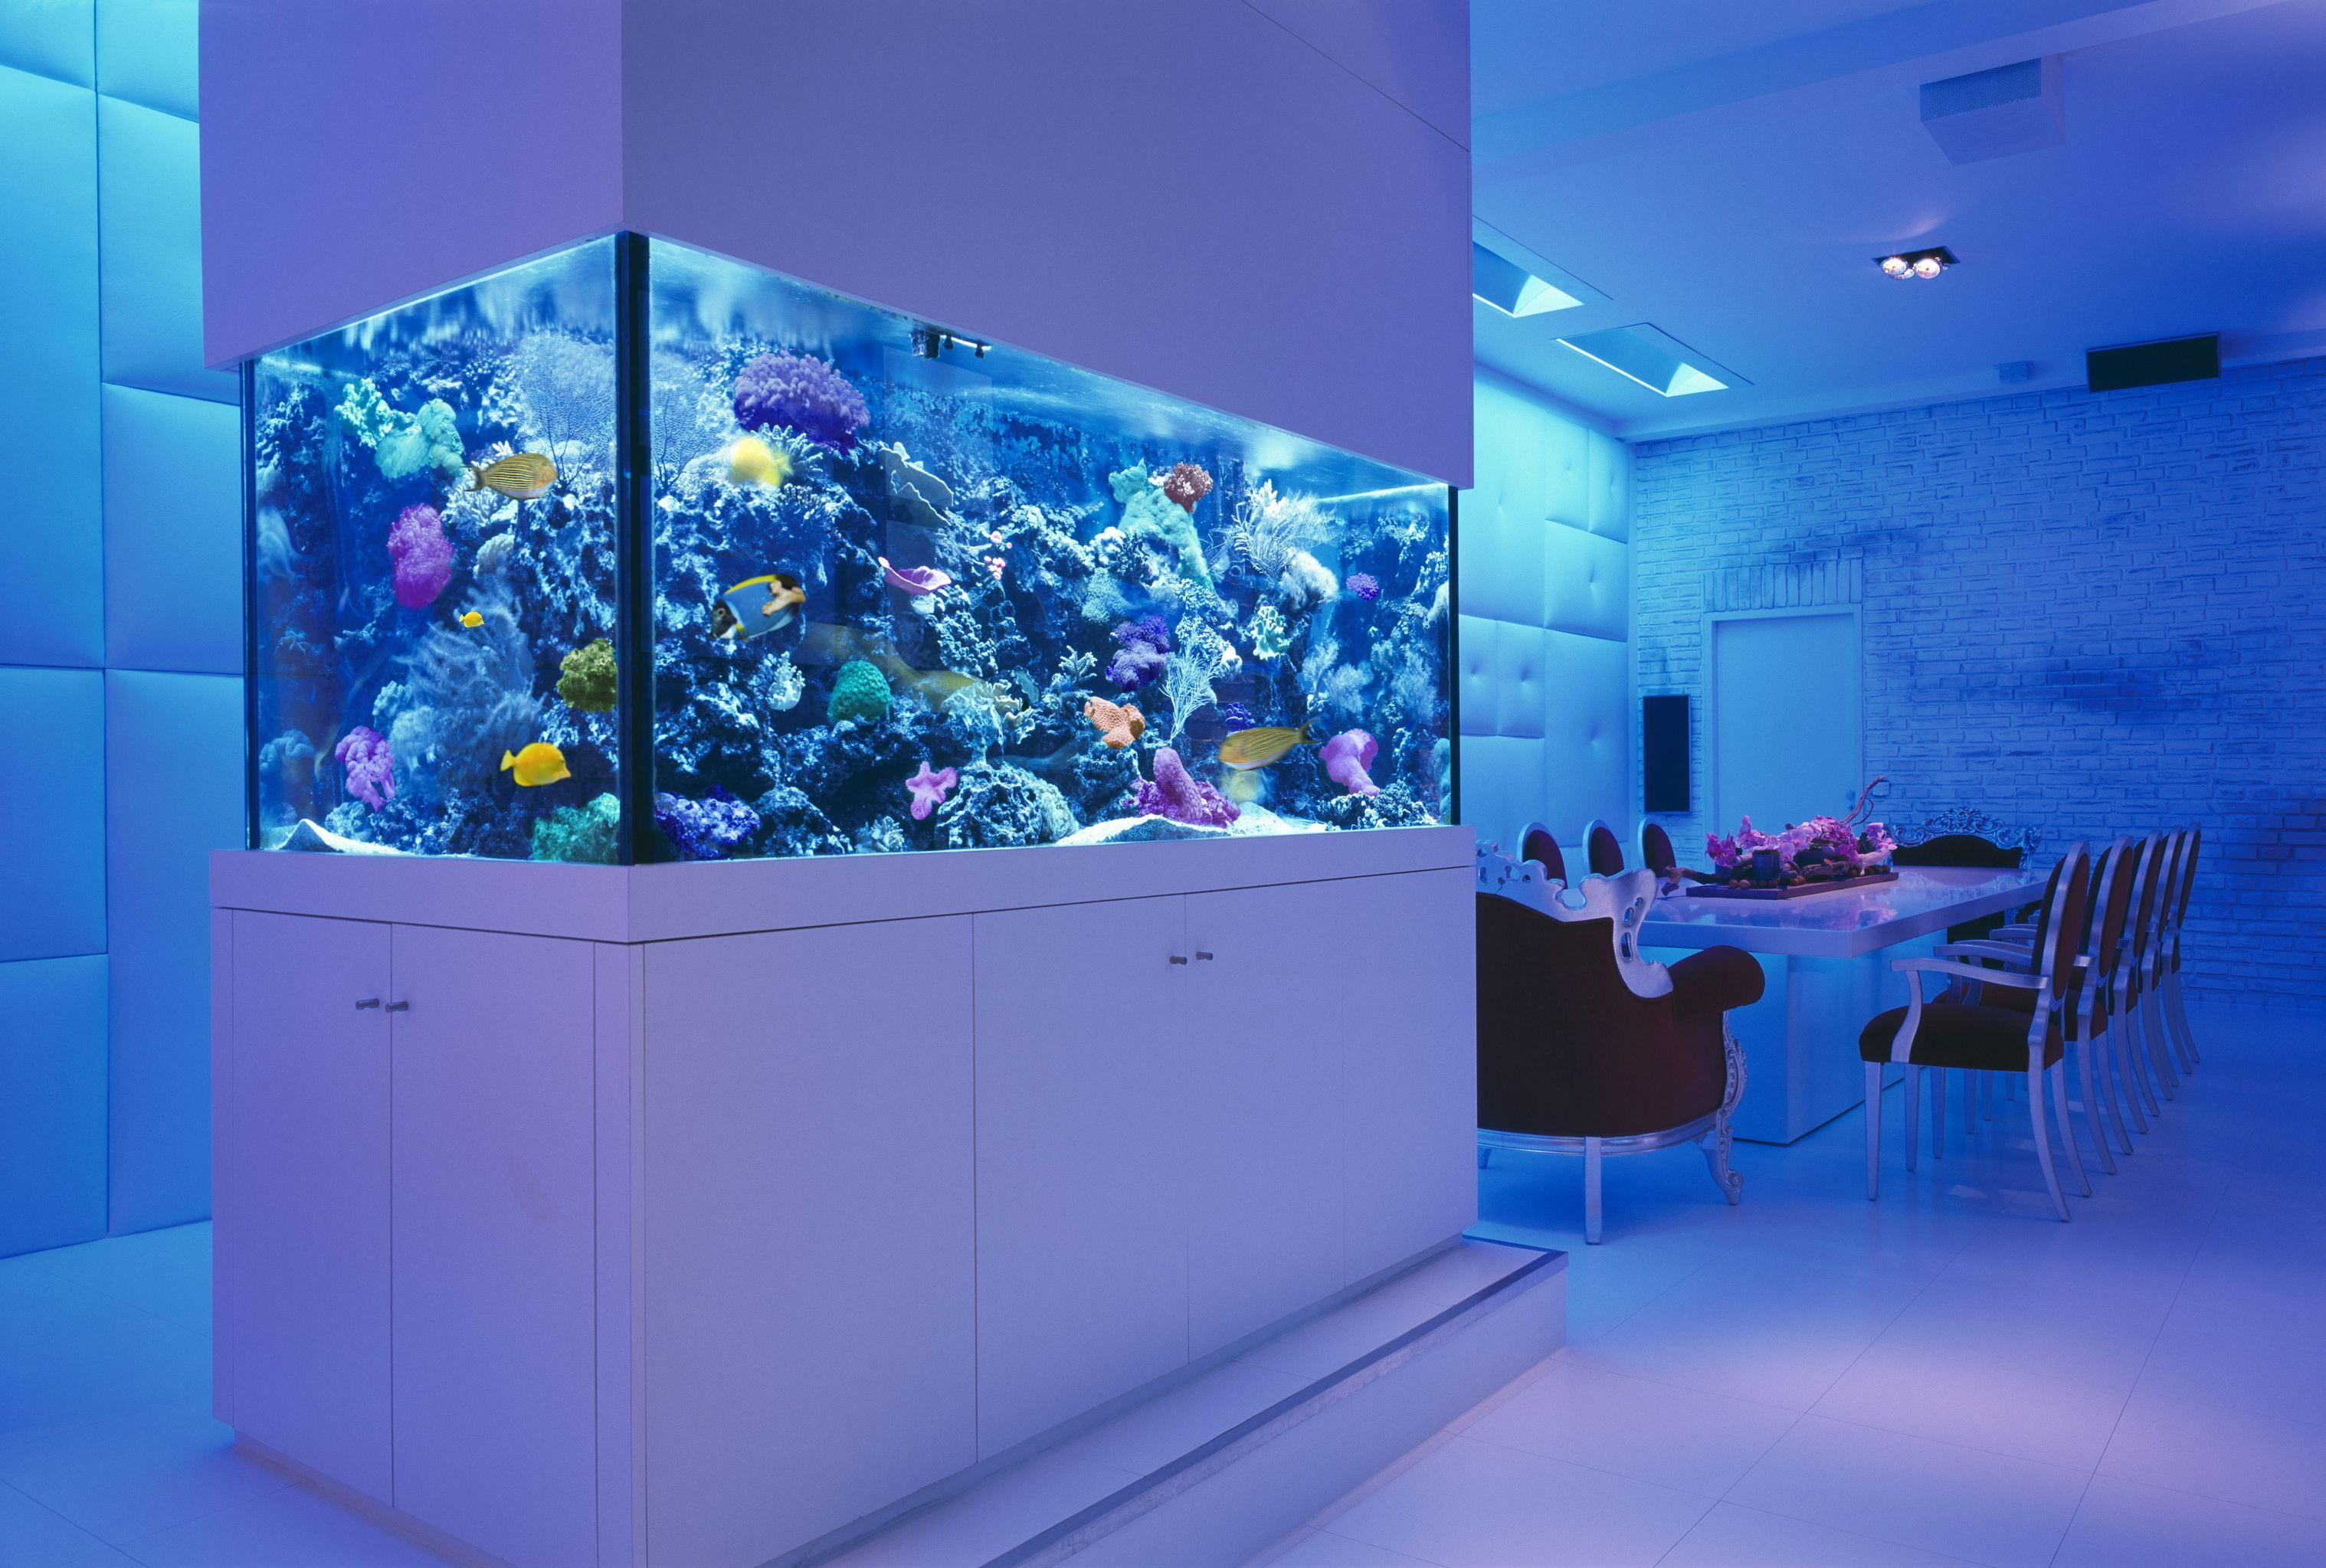 Cabinet aquarium fish tank tropical - Luxury Apartment With Giant Aquarium